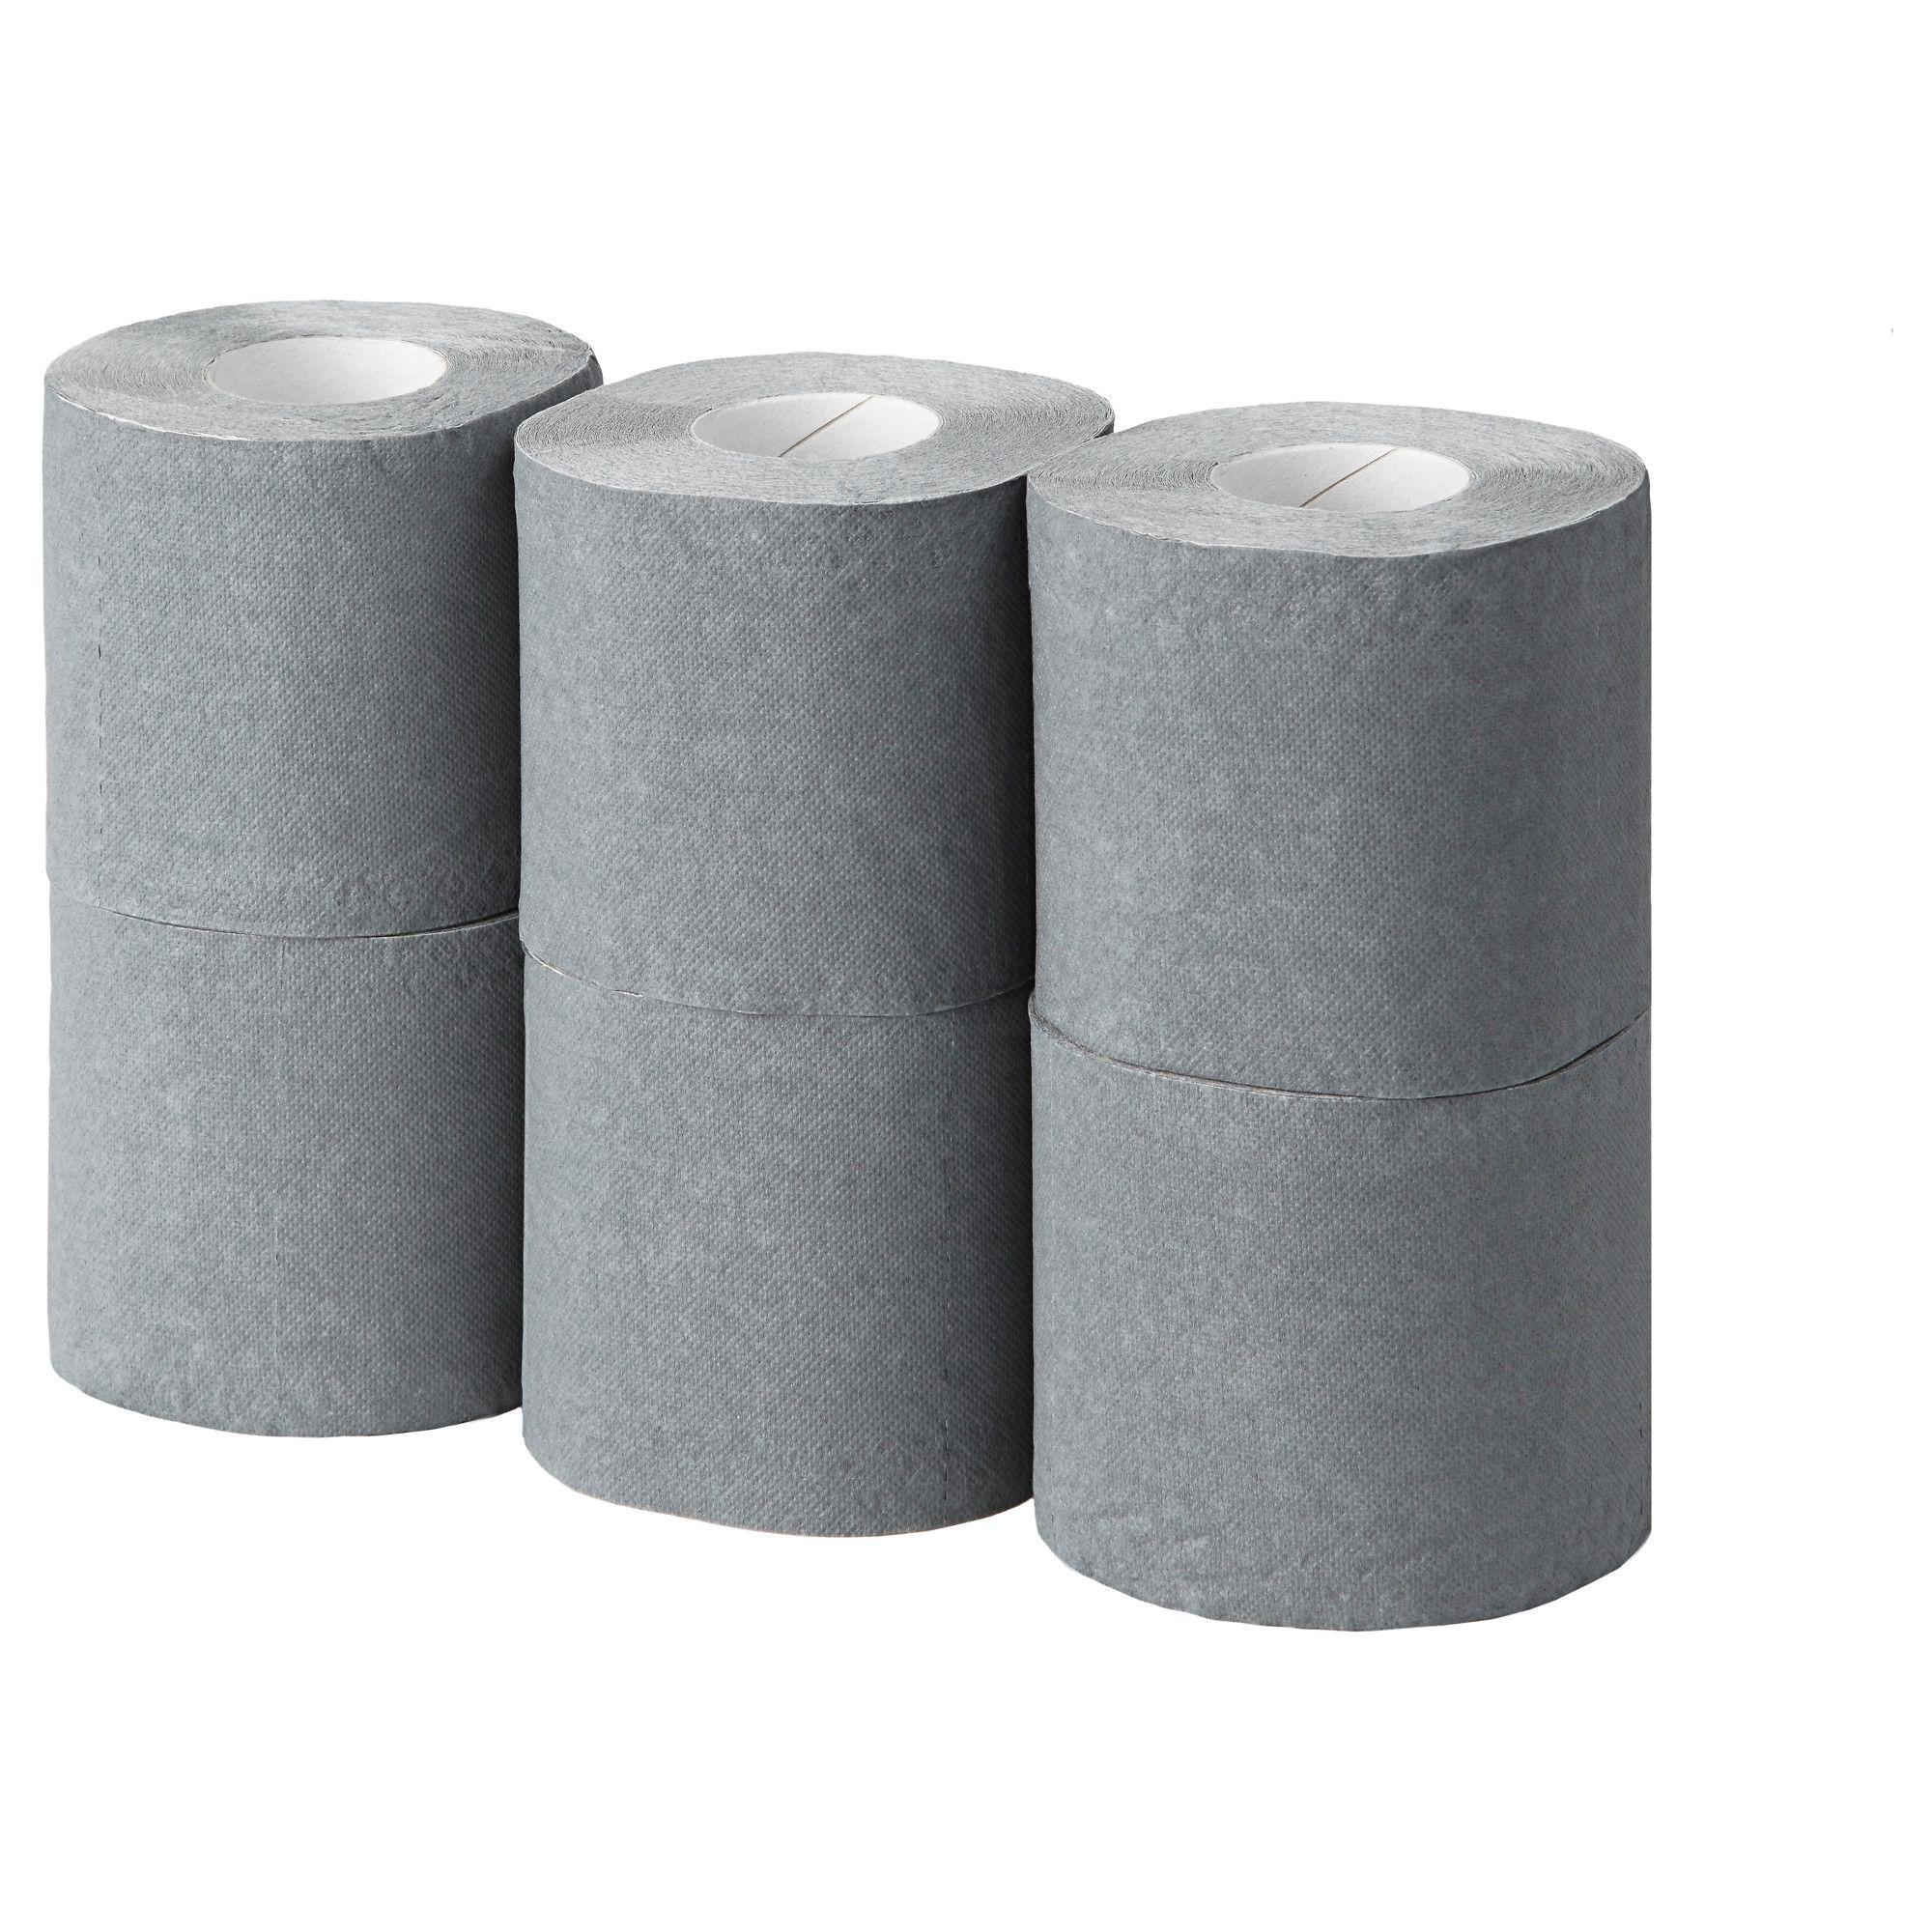 m llesj n papier toilette ikea d co pinterest papier toilette ikea et d co. Black Bedroom Furniture Sets. Home Design Ideas